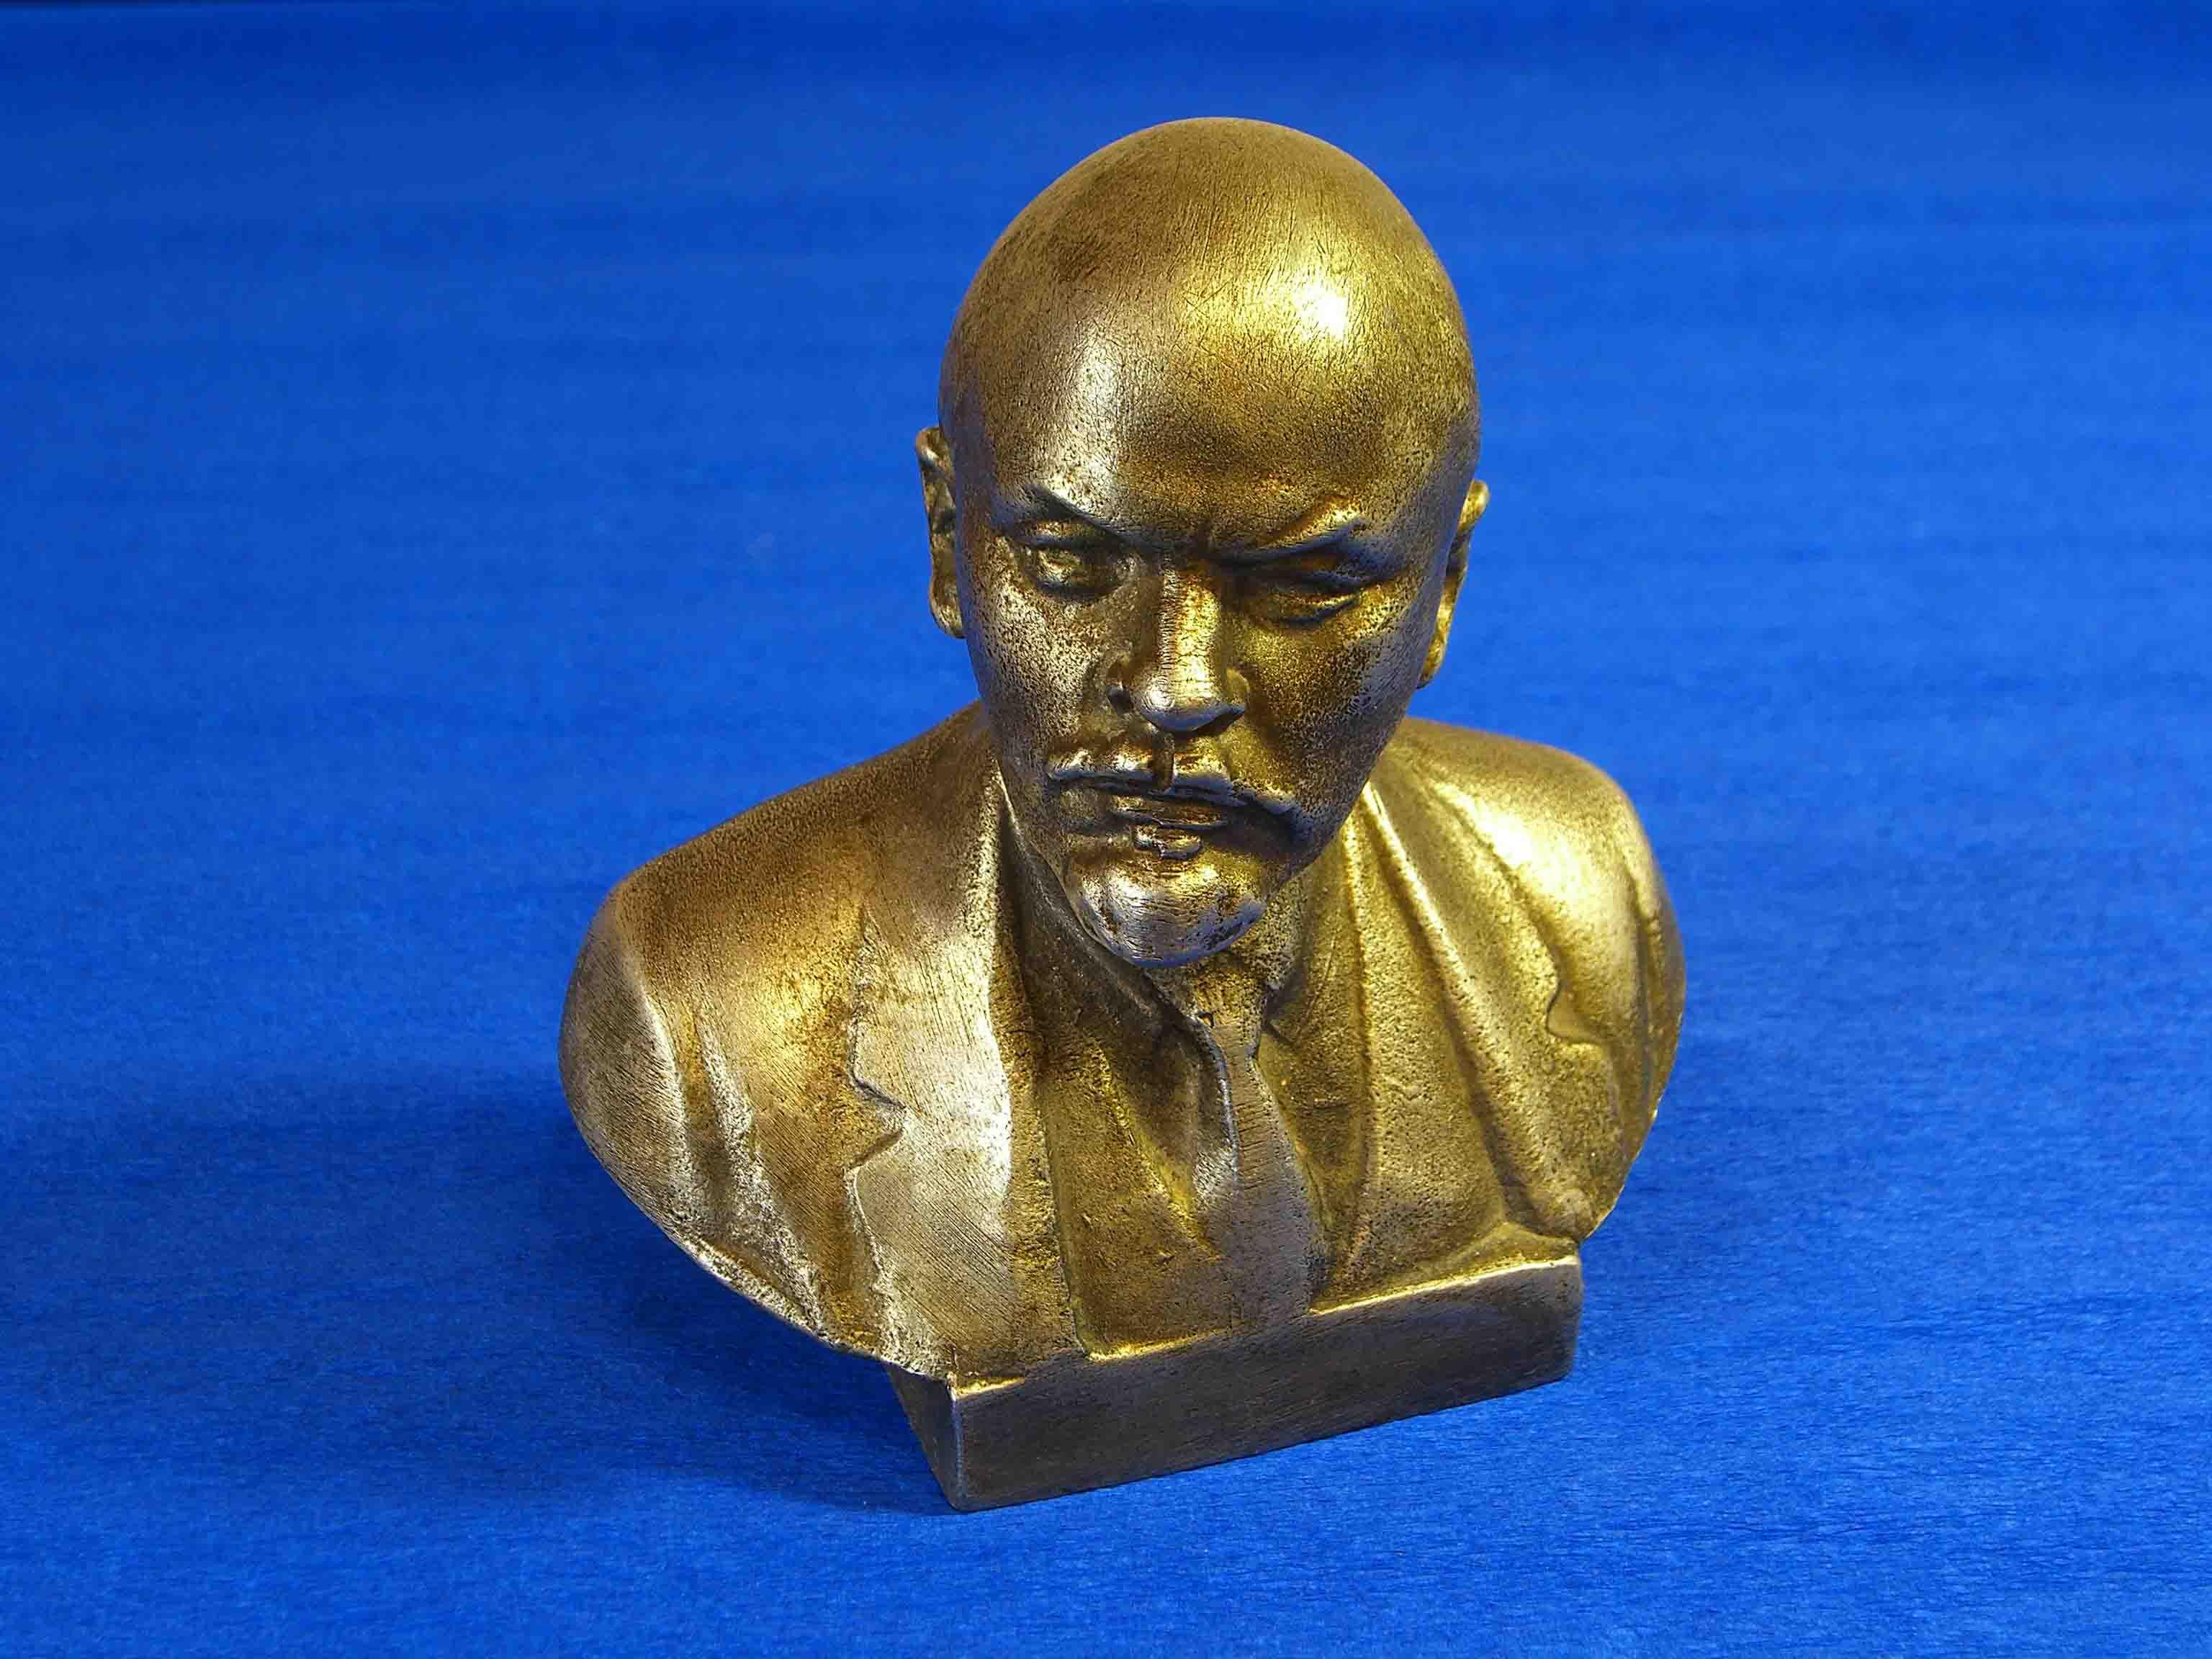 Бронзовые статуэтки. Как продать бронзовые и литые статуэтки, скульптуру?